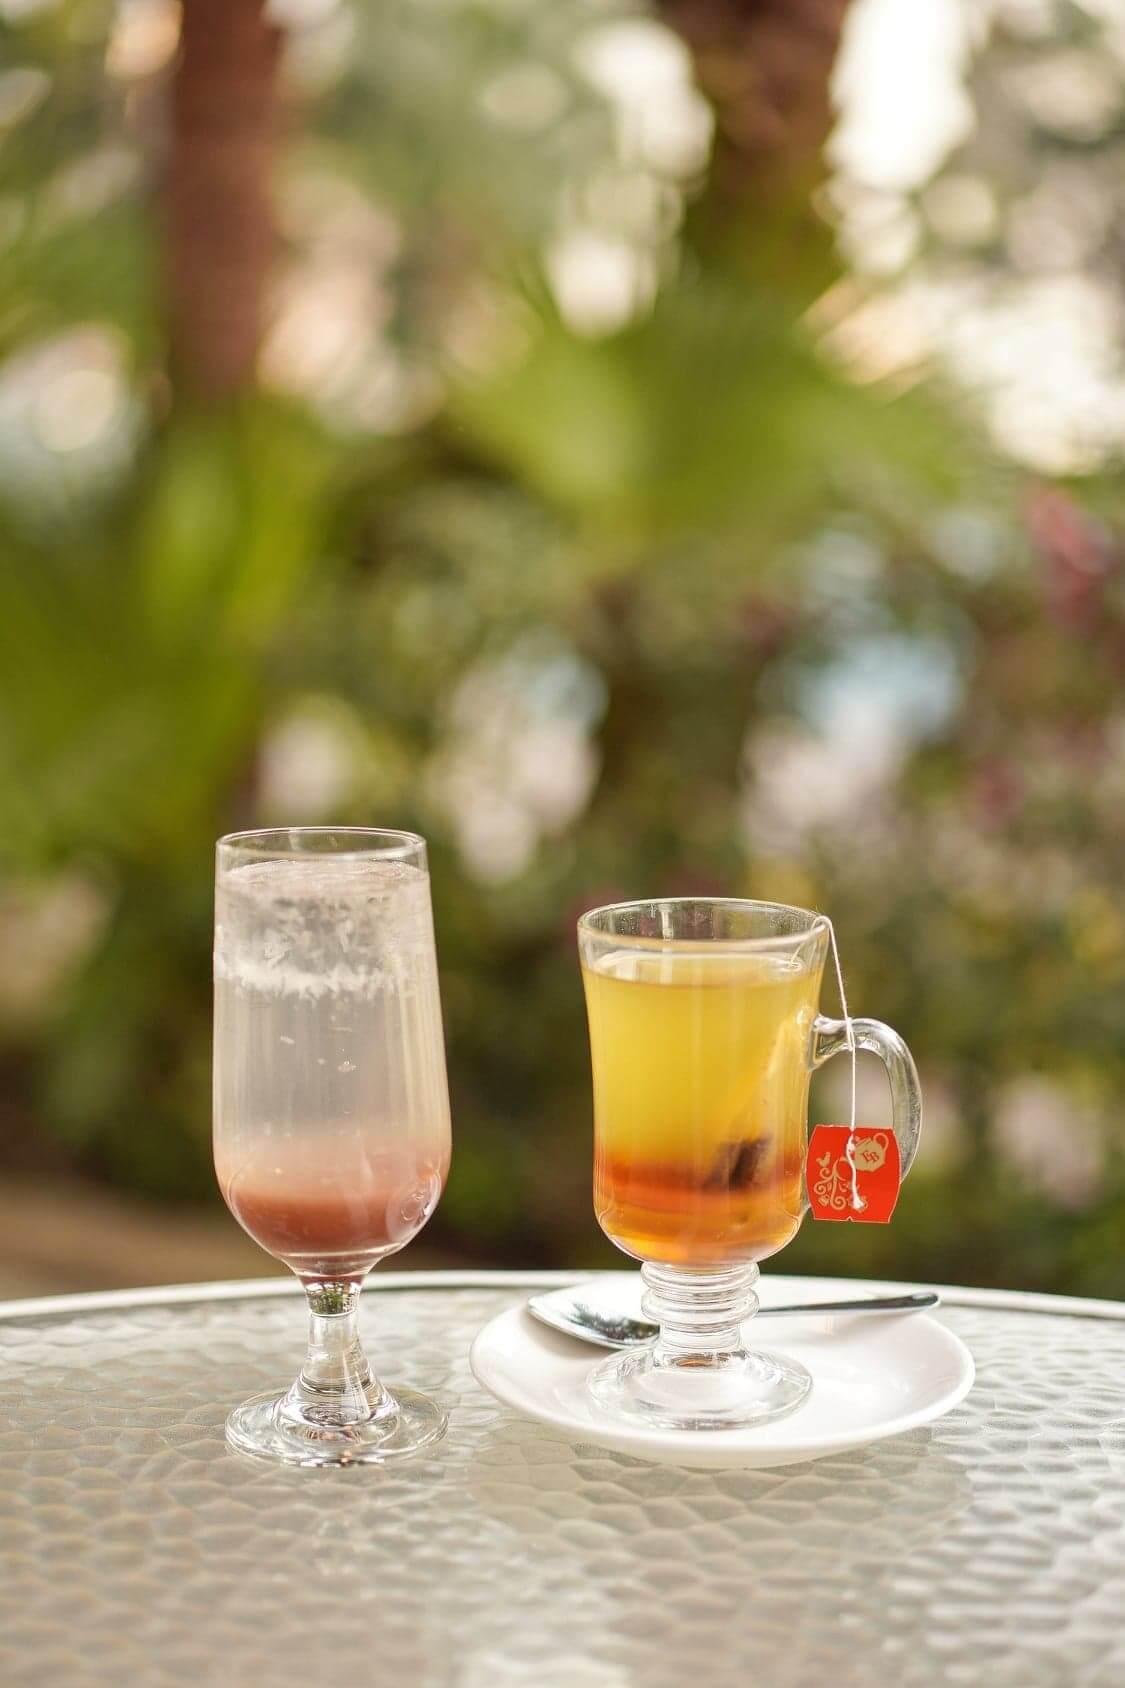 左:蜜糖草莓檸檬特飲、右:蜜糖百香果茶